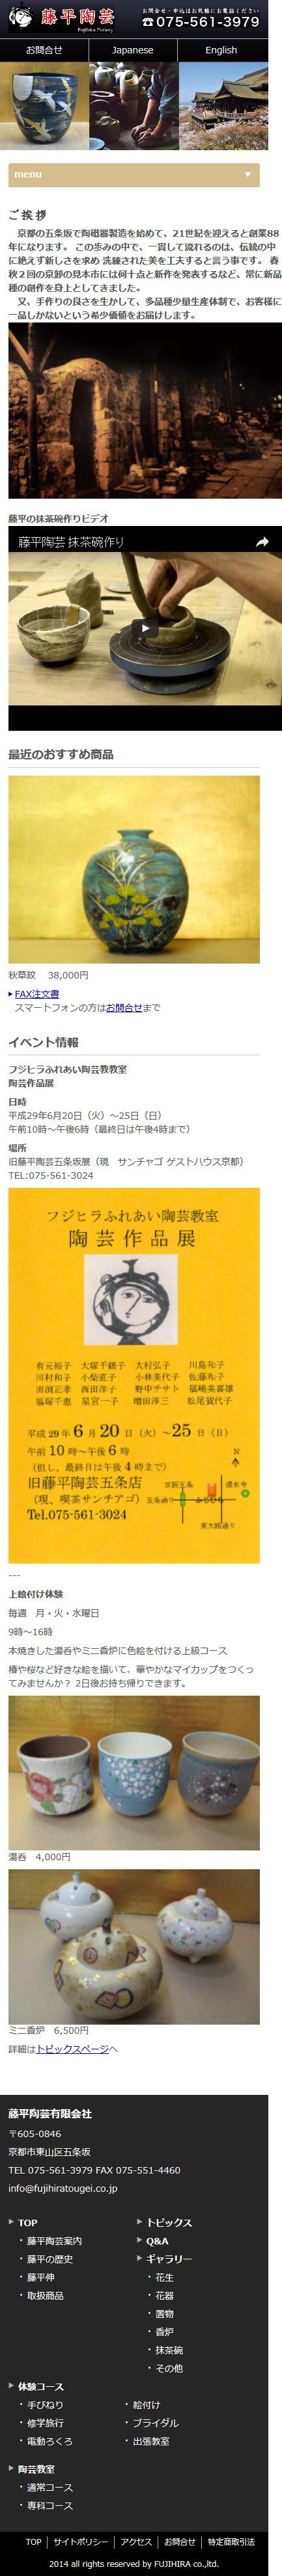 京都清水焼・京焼の藤平陶芸 スマホ版